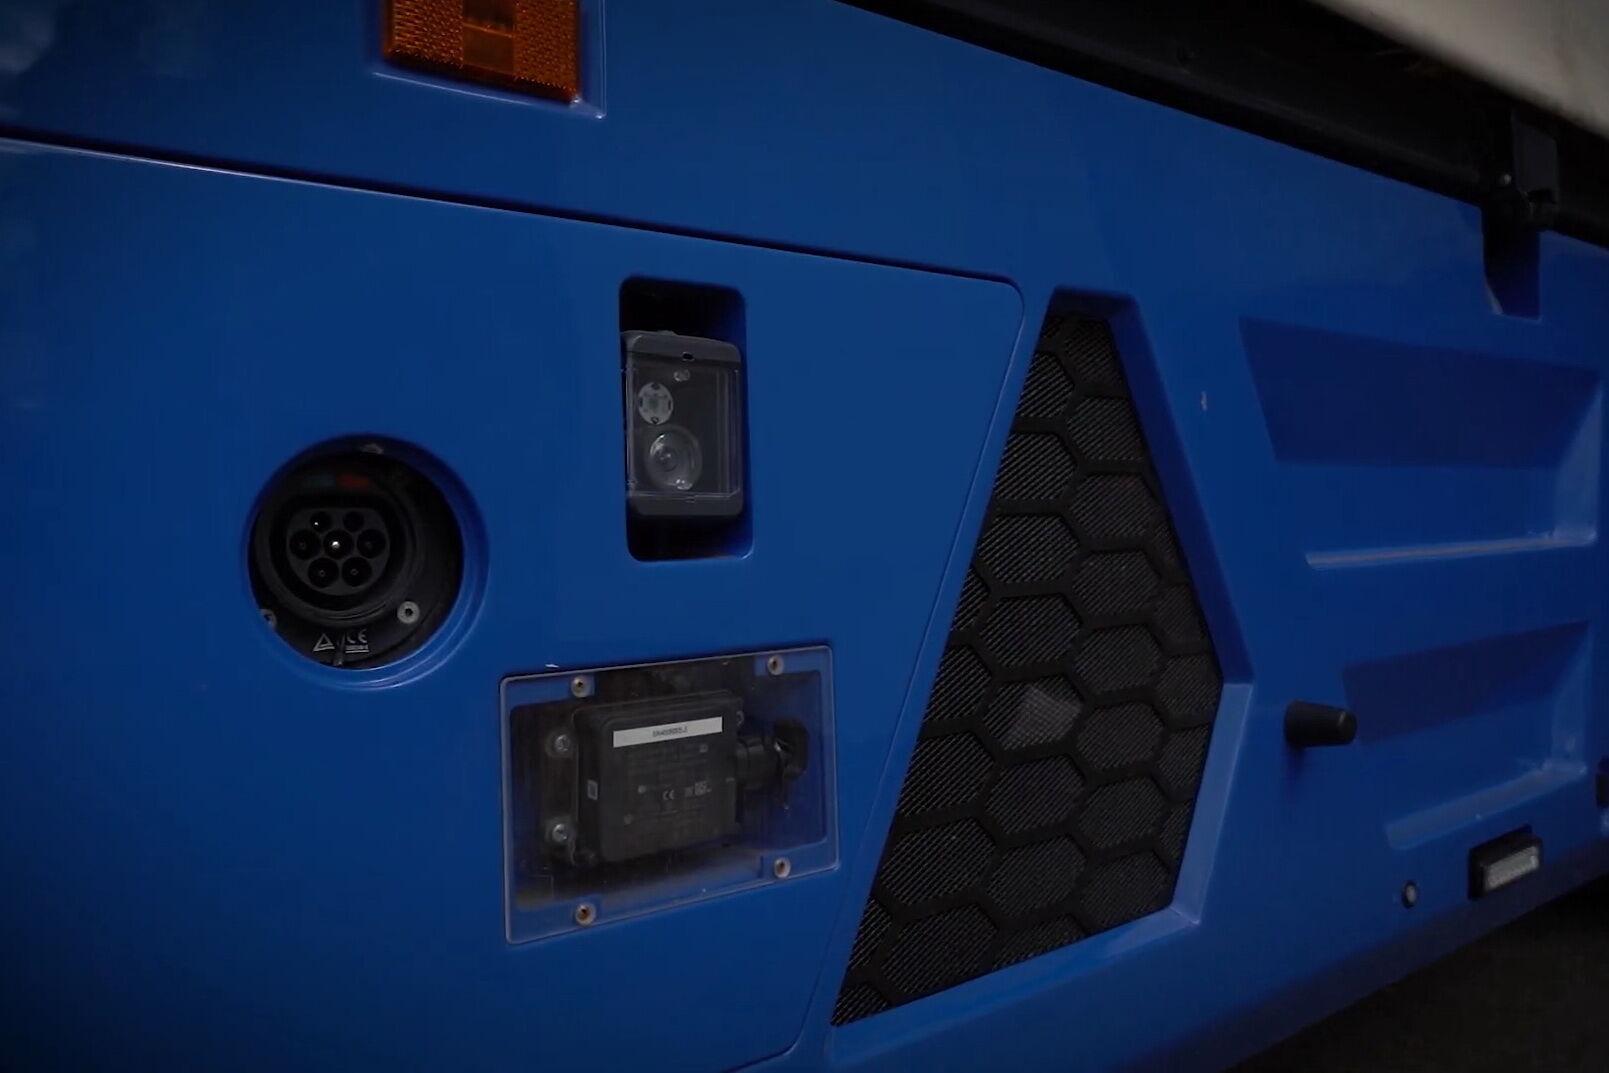 """Безпілотний електромобіль КамАЗ 3373 """"Човник"""" можна заряджати навіть від звичайної побутової мережі 220В"""